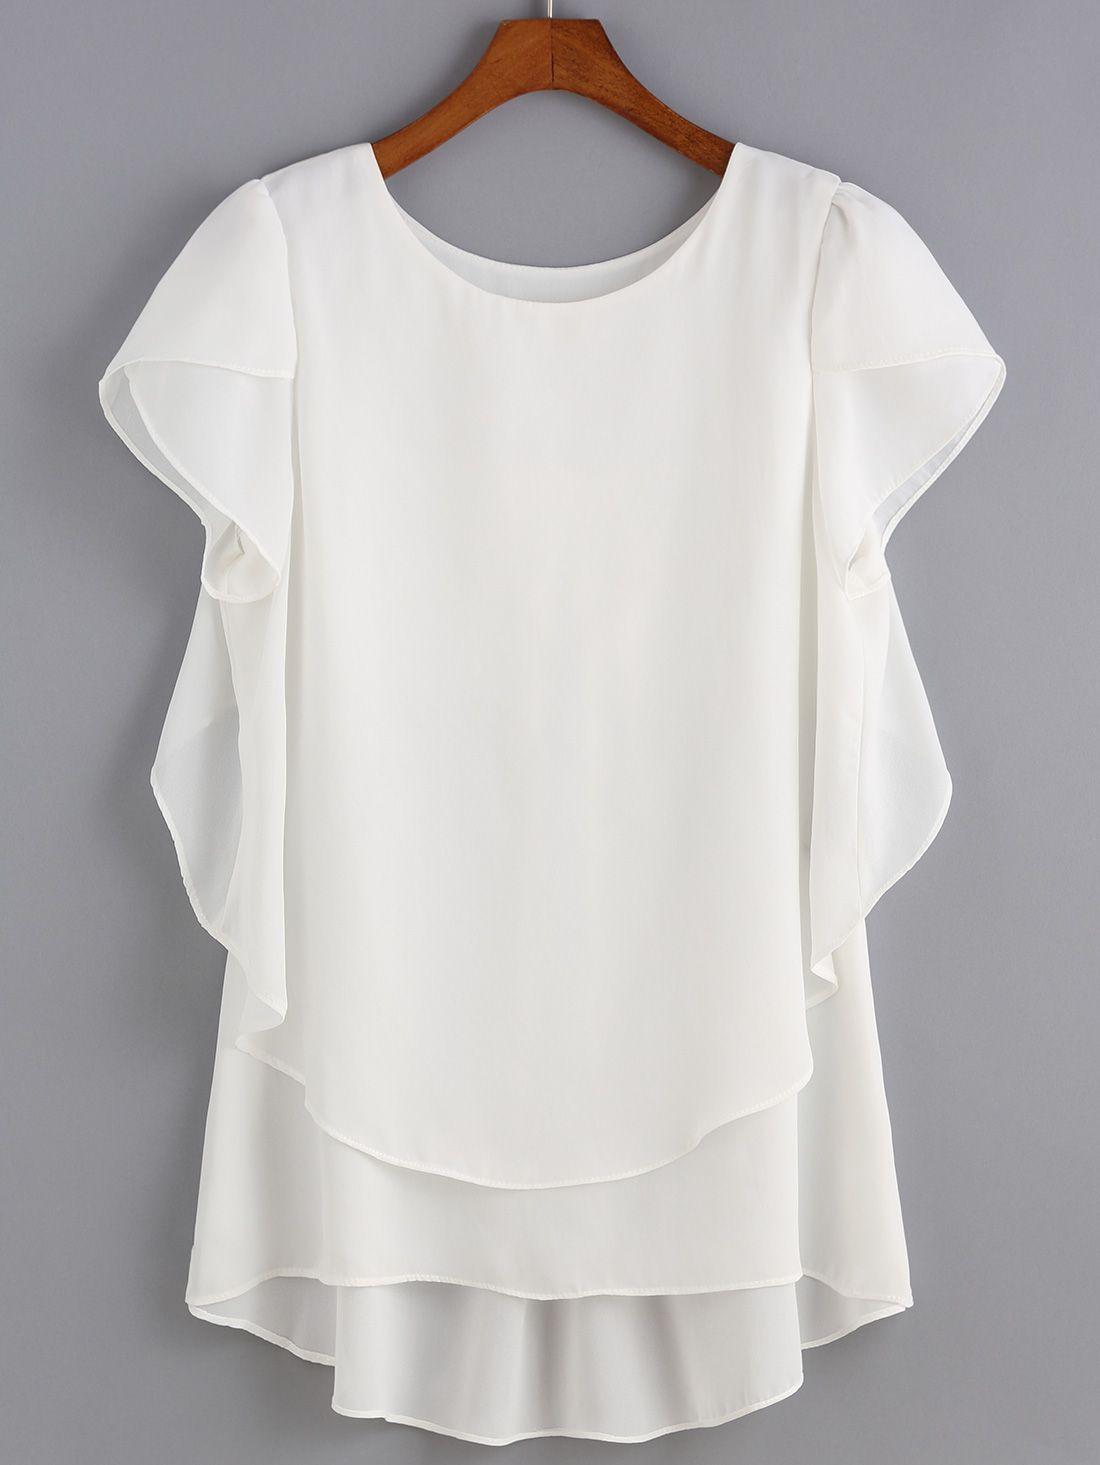 975524f15 blusa cuello redondo tiro alto gasa-(Sheinside)